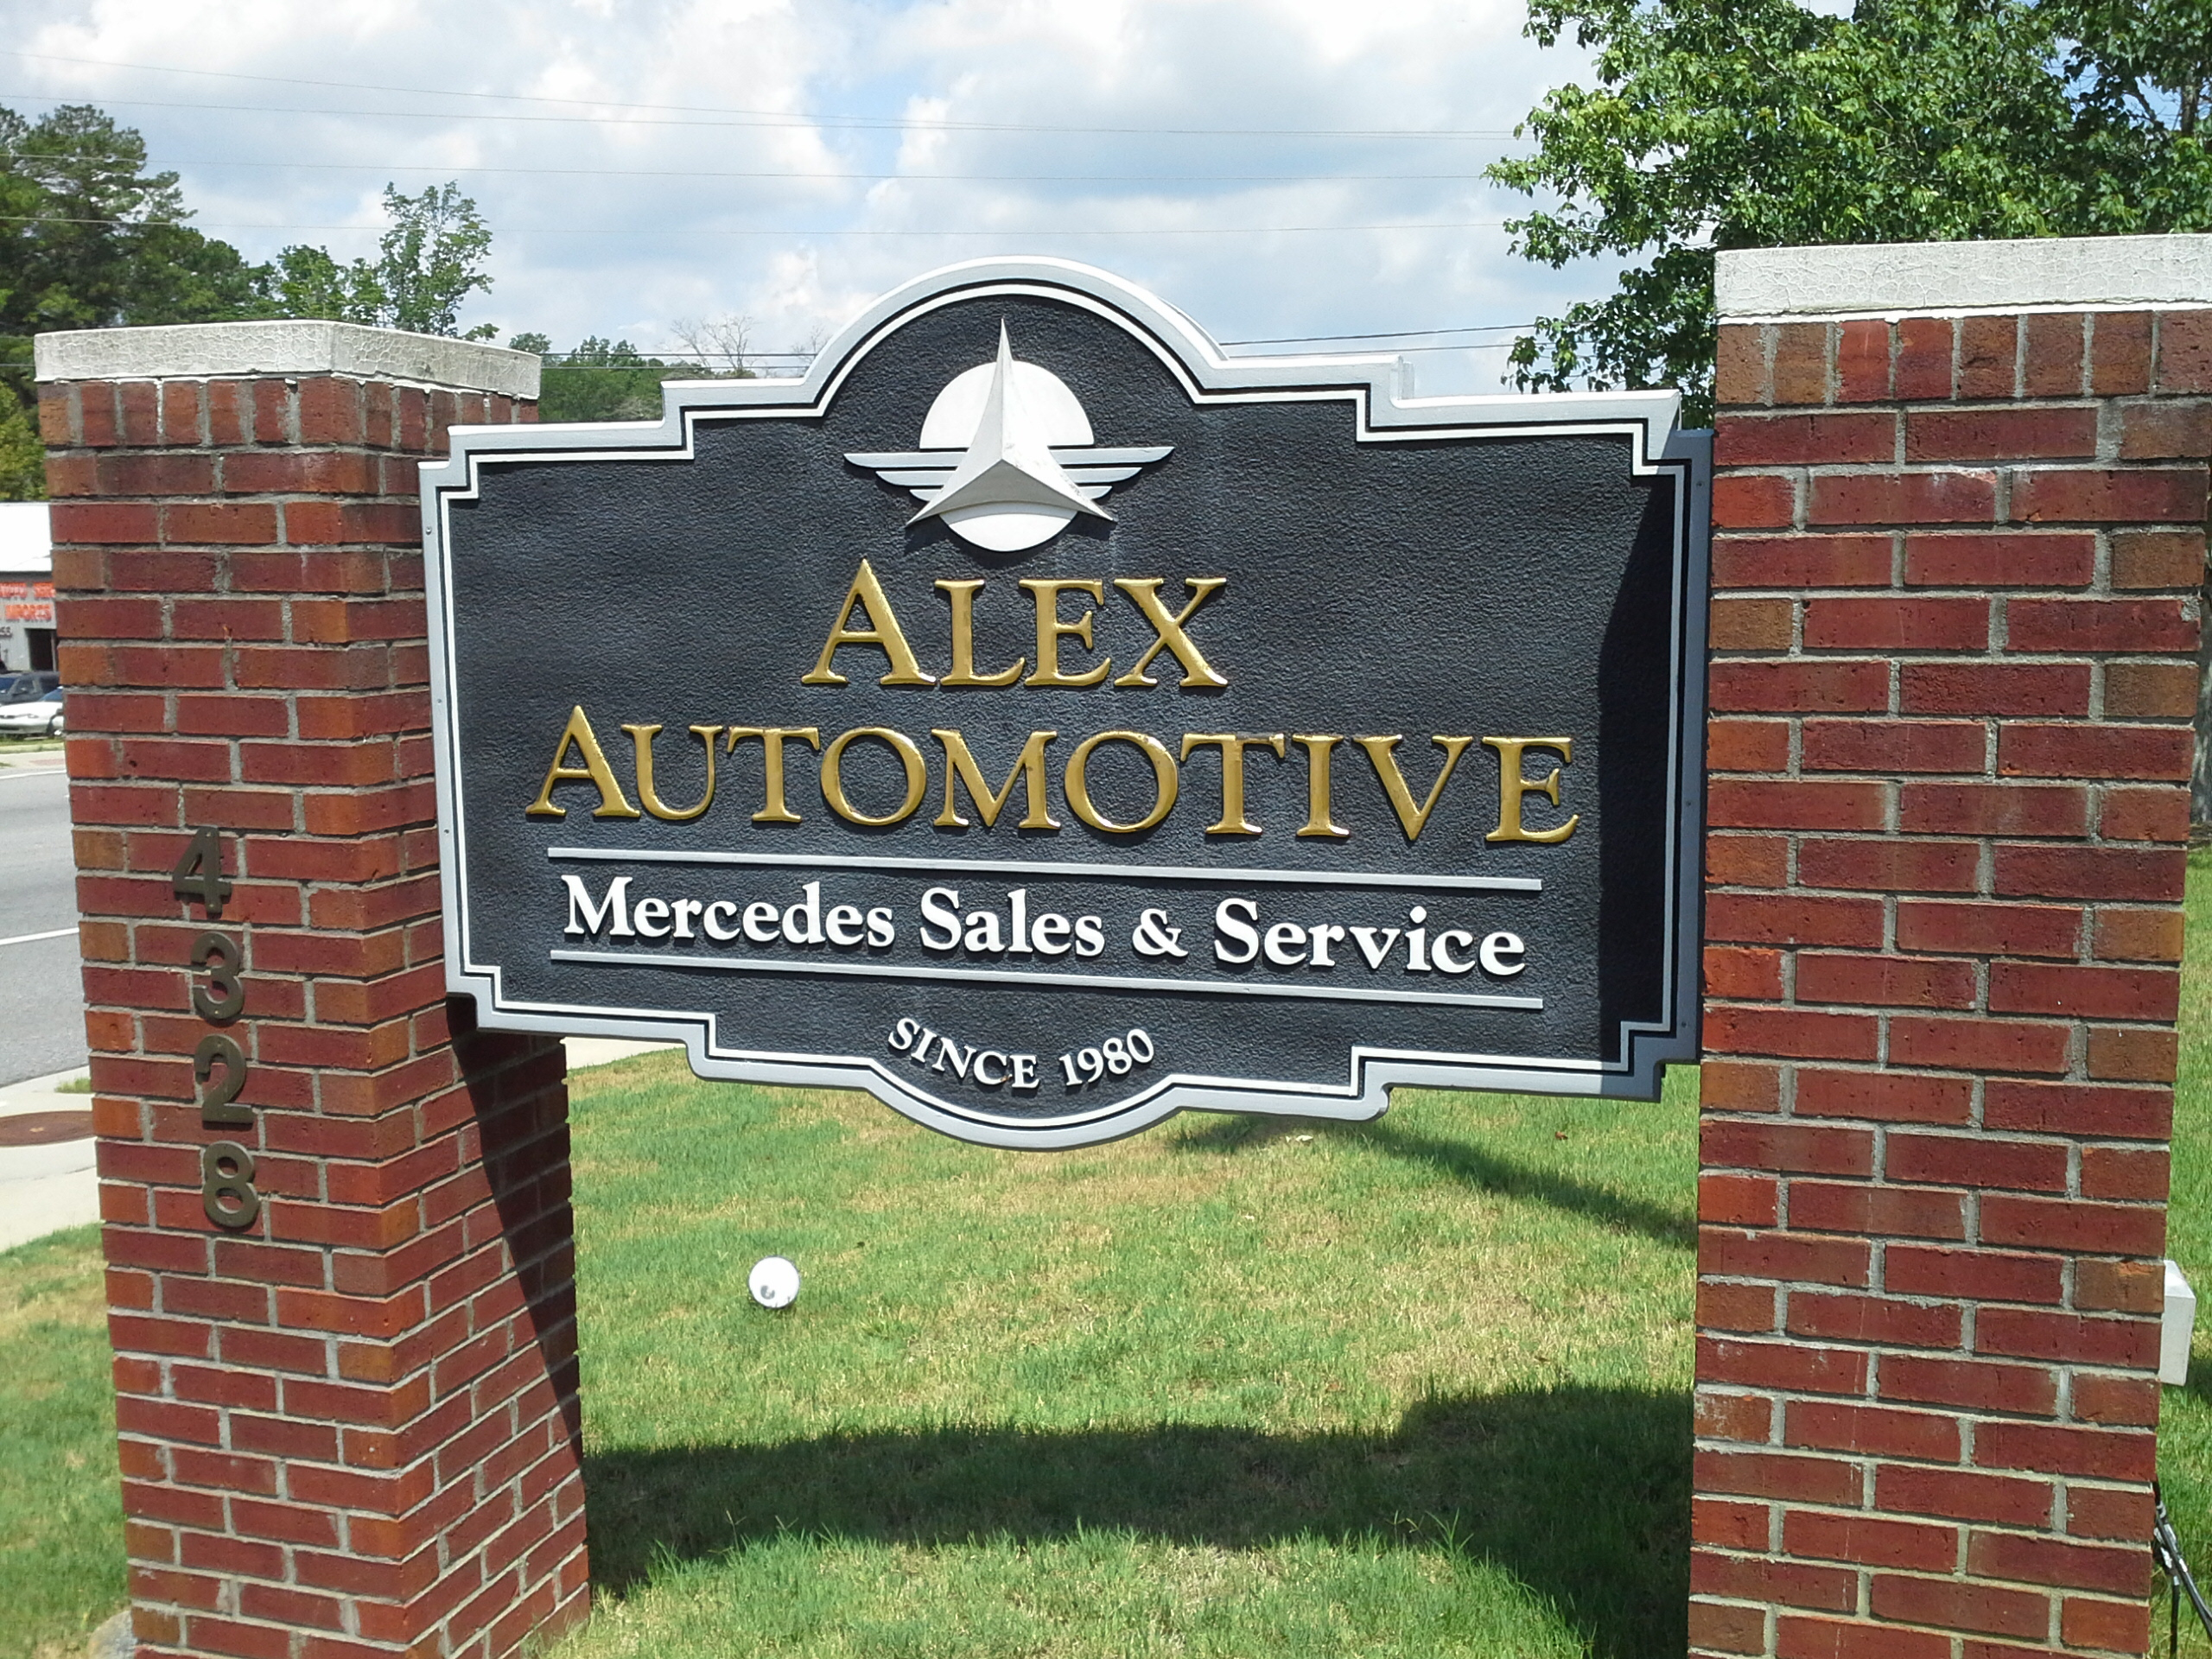 Alex Automotive Mercedes Sales & Service image 1